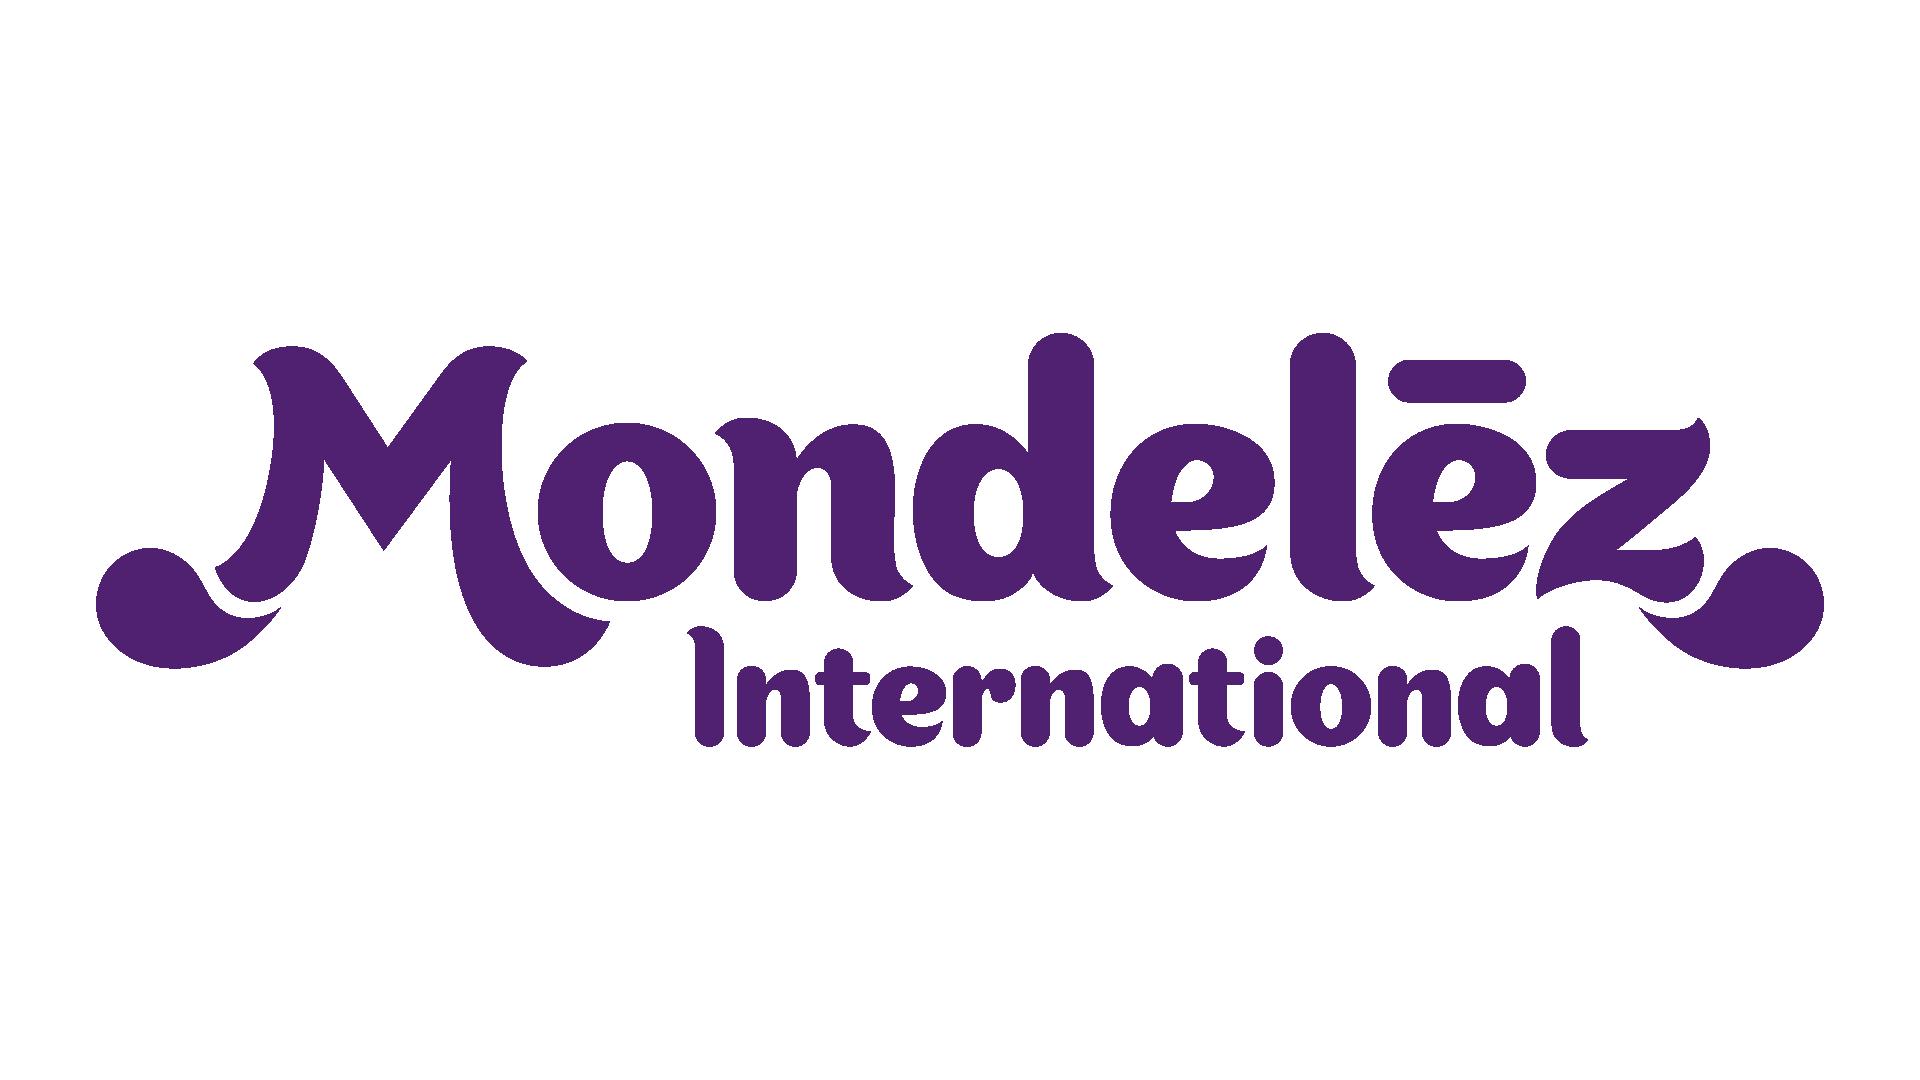 Mondelez2.png